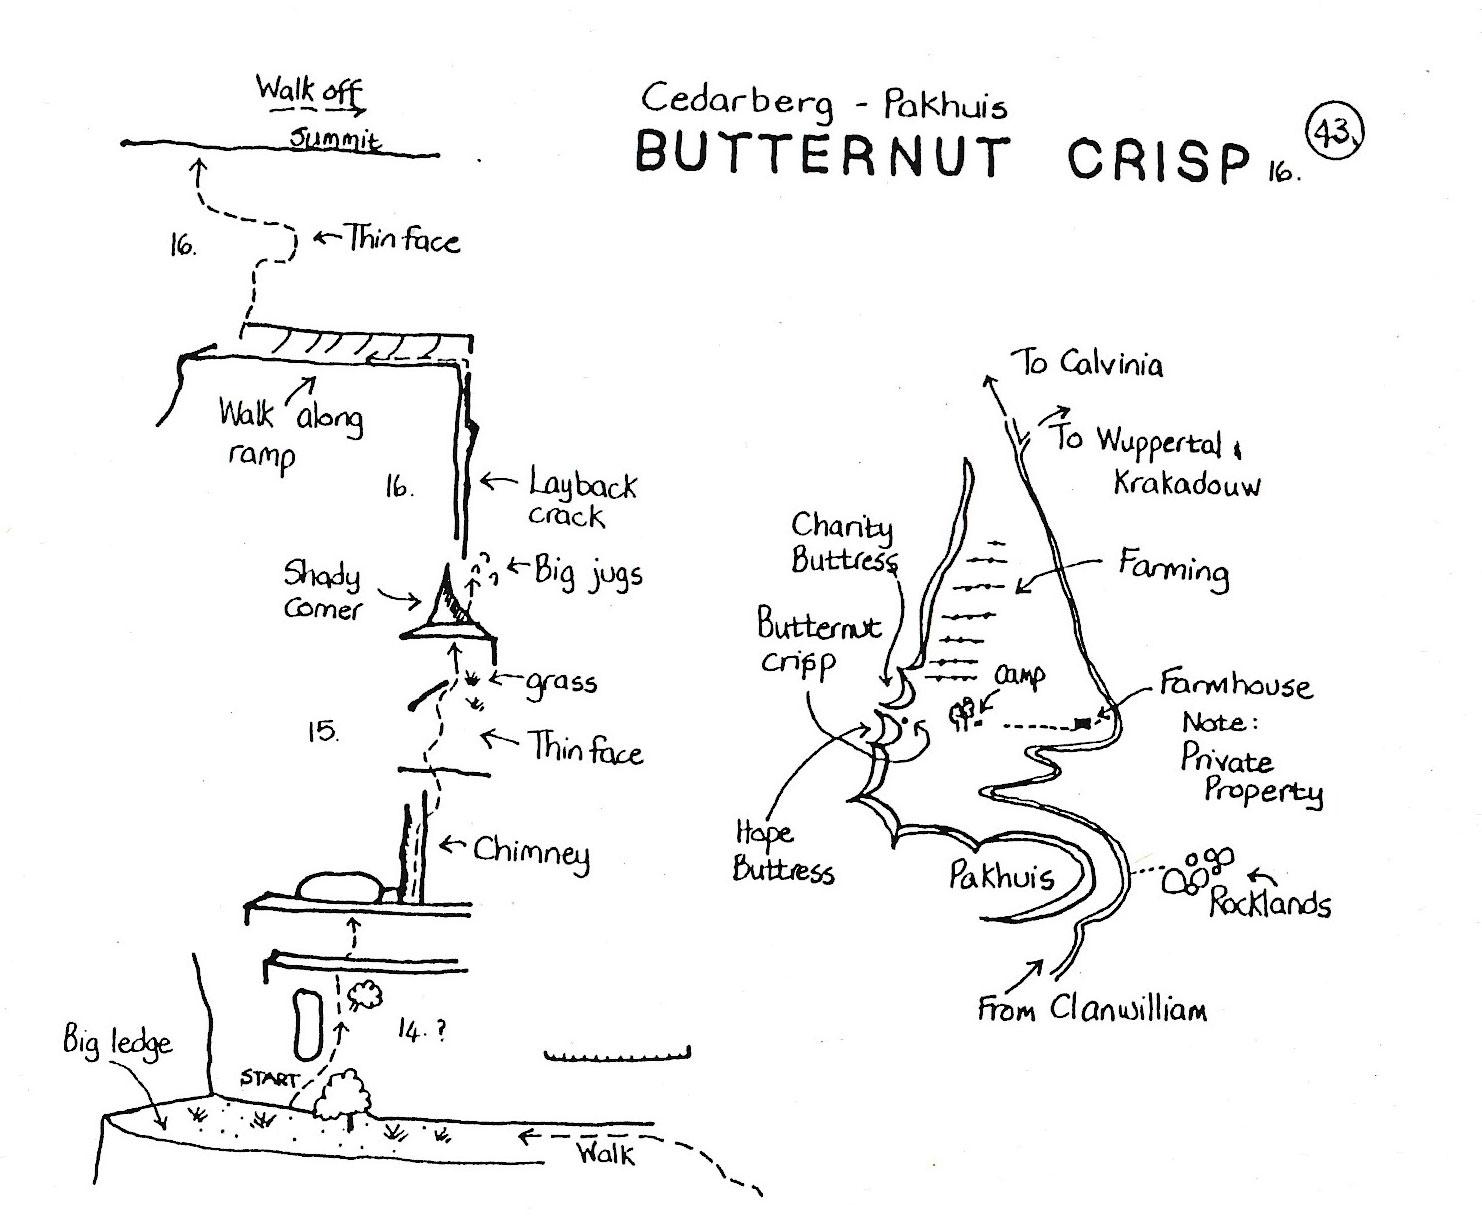 Butterfinger Crisp RD